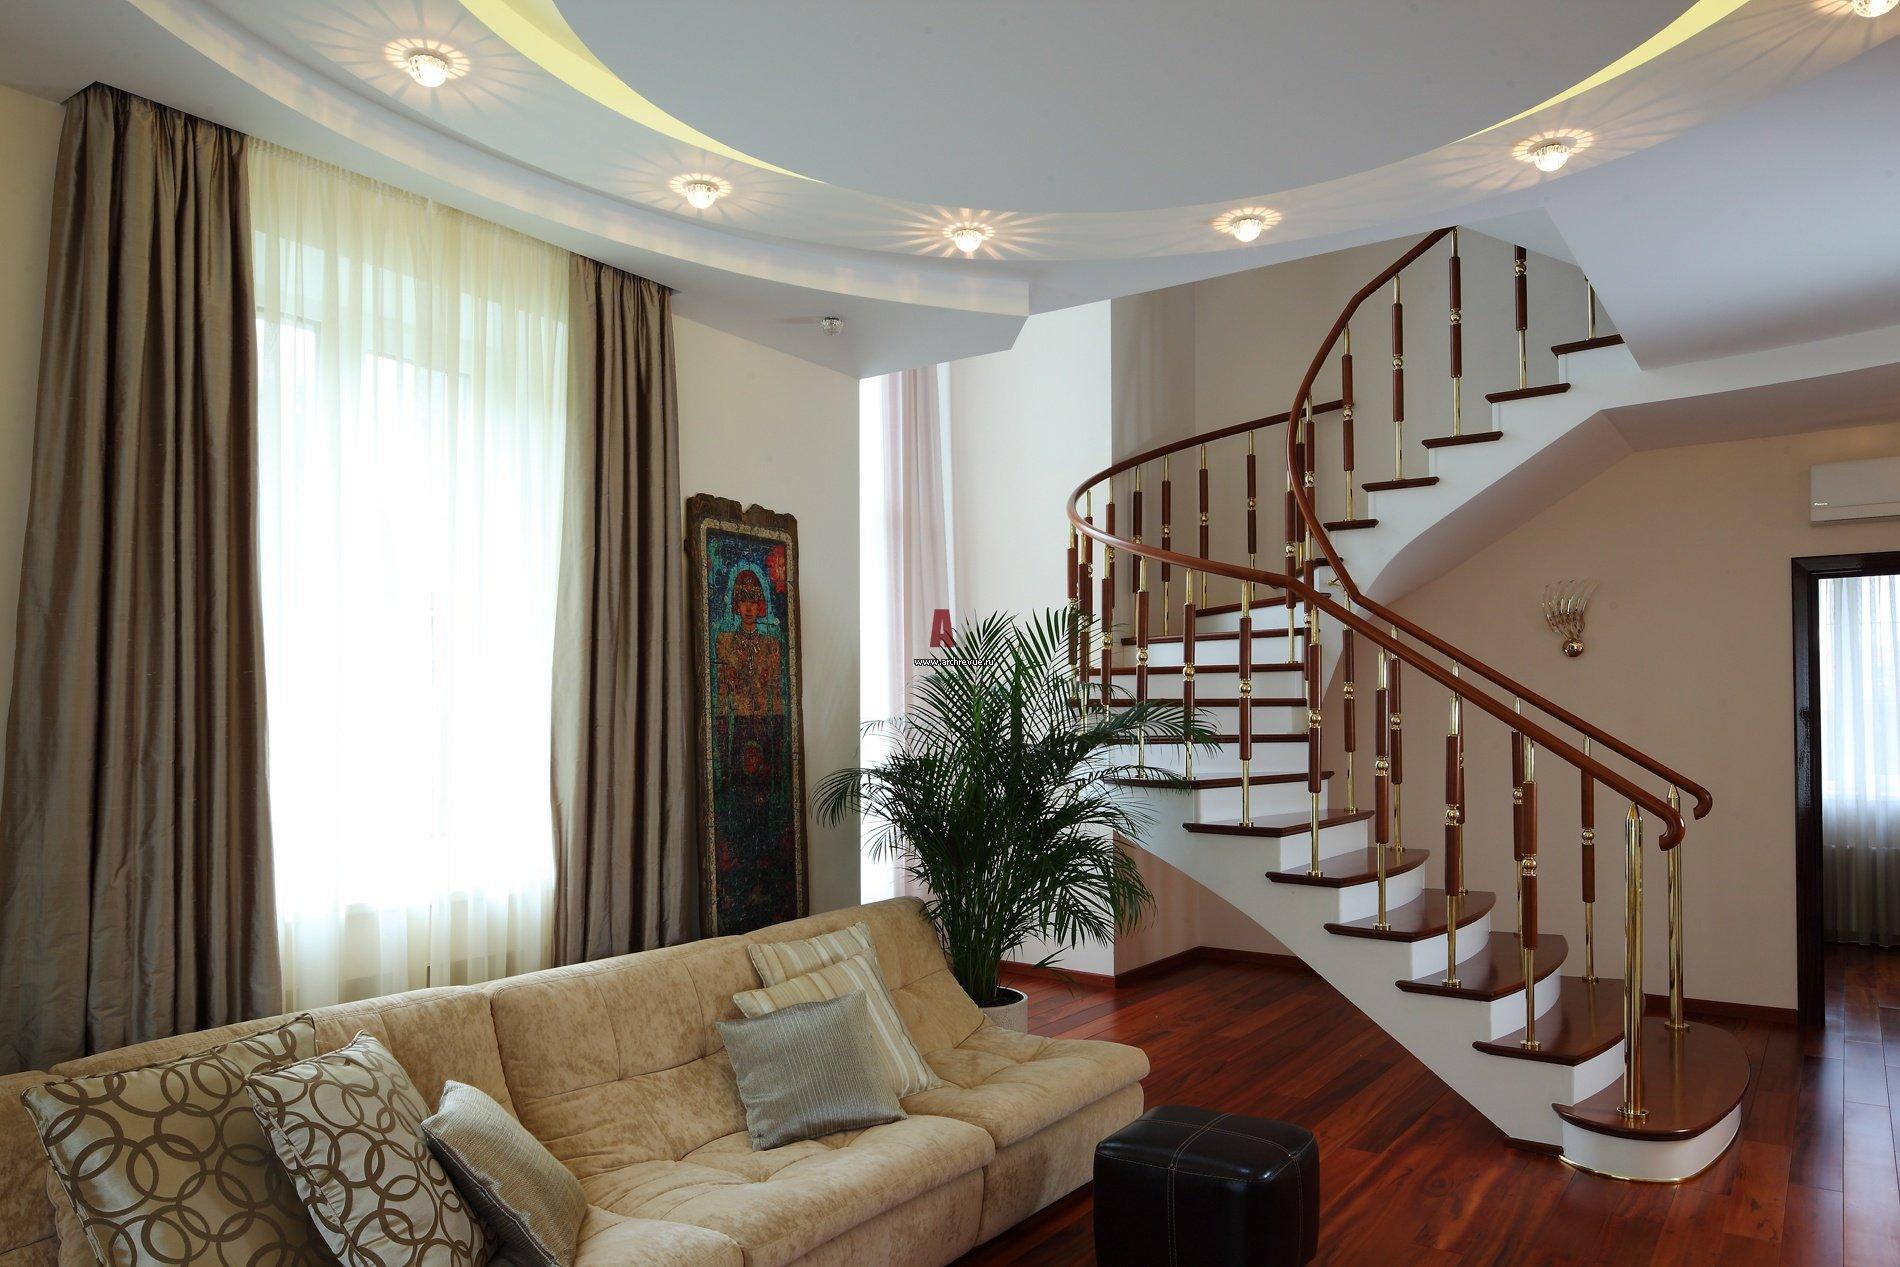 Интерьер лестницы на второй этаж фото в частном доме